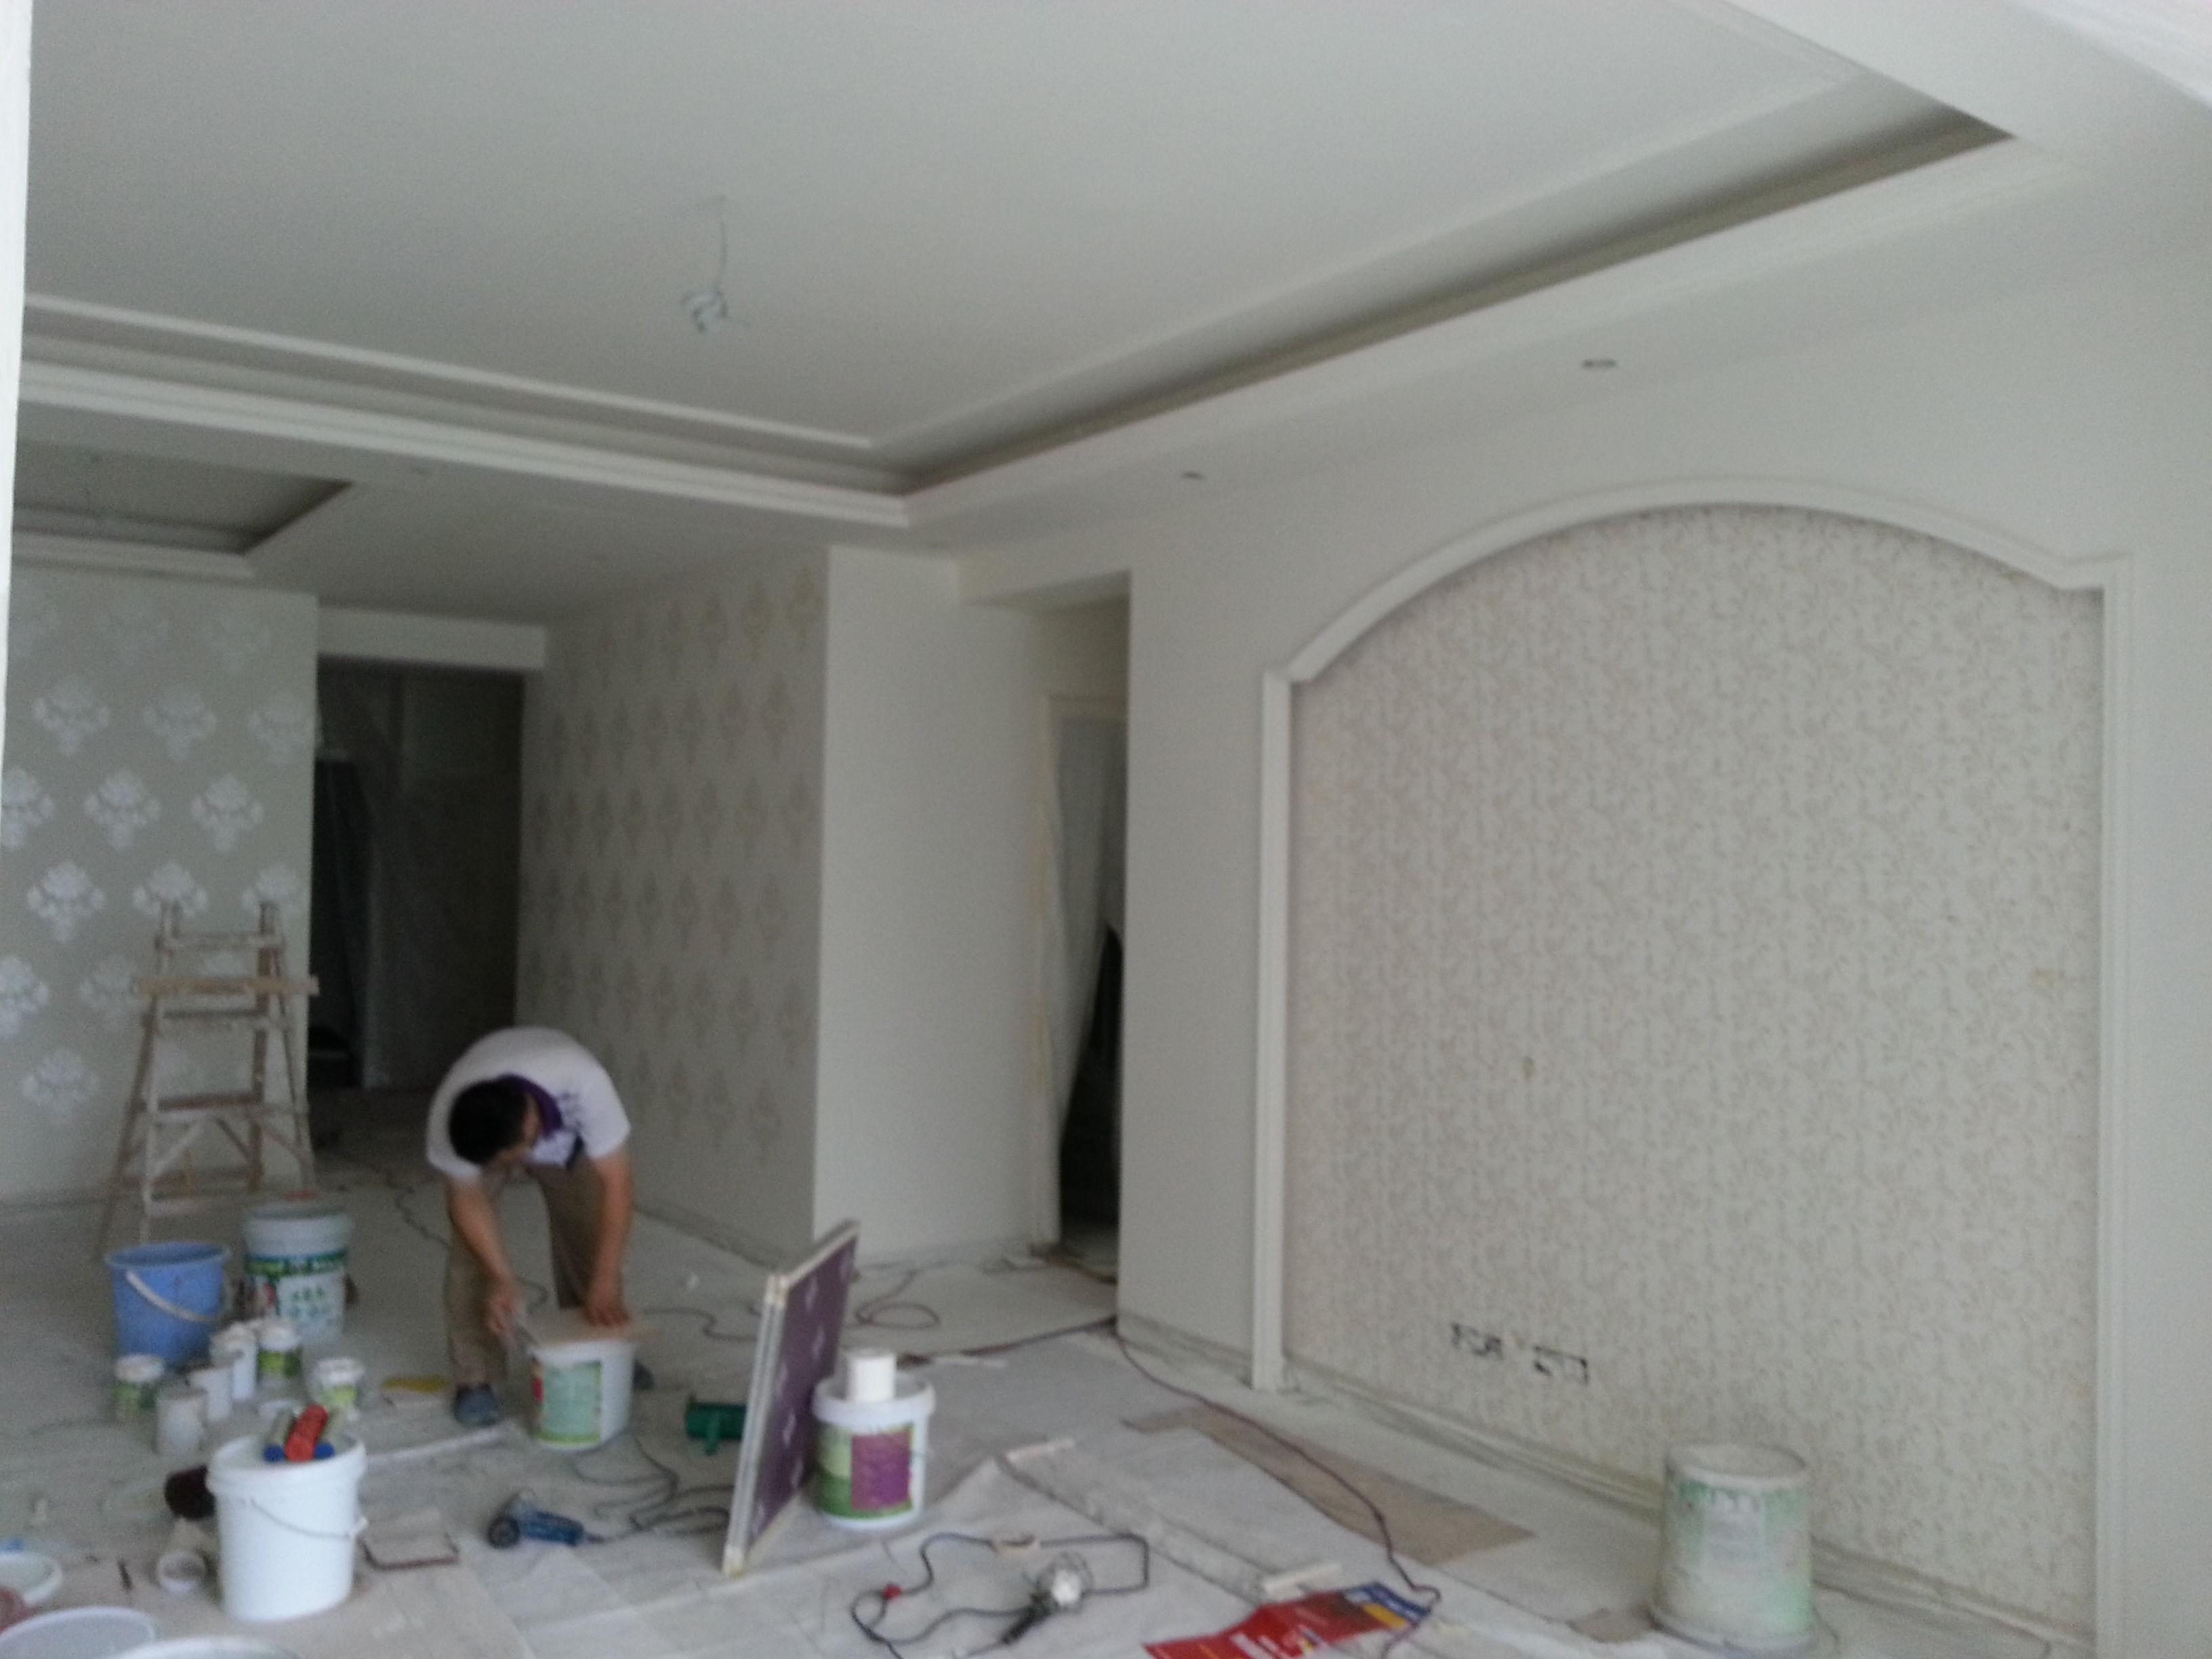 米黄色窗帘和地砖,白色墙面,黄色门柜,配什么颜色的沙发